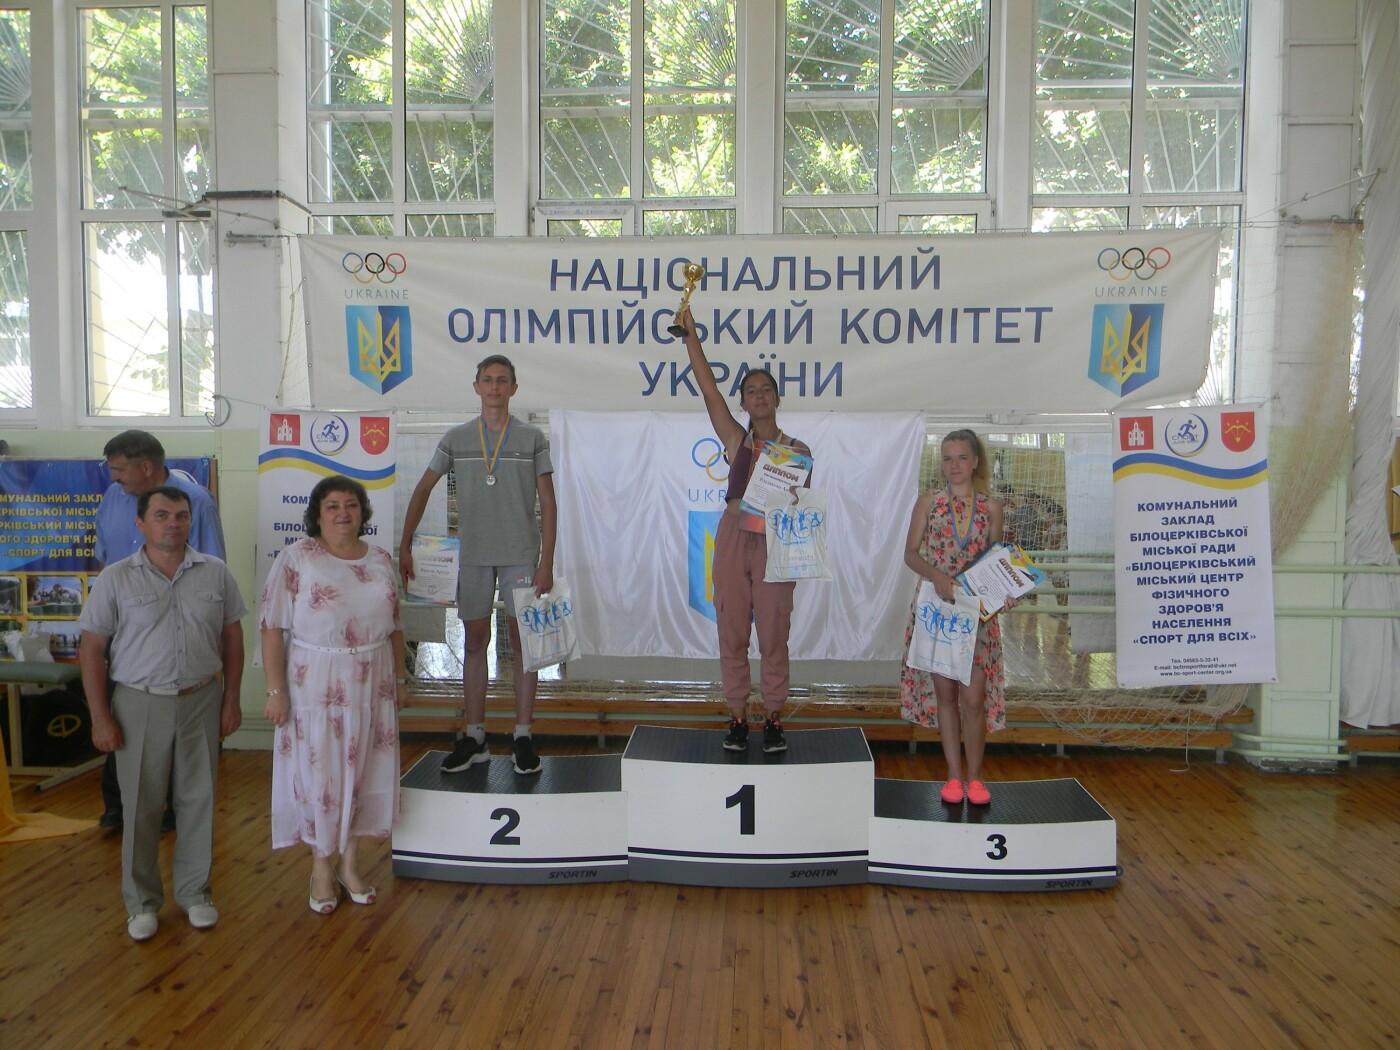 У Білій Церкві відбулось нагородження переможців конкурсу «Загальнолюдські та олімпійські цінності», фото-1